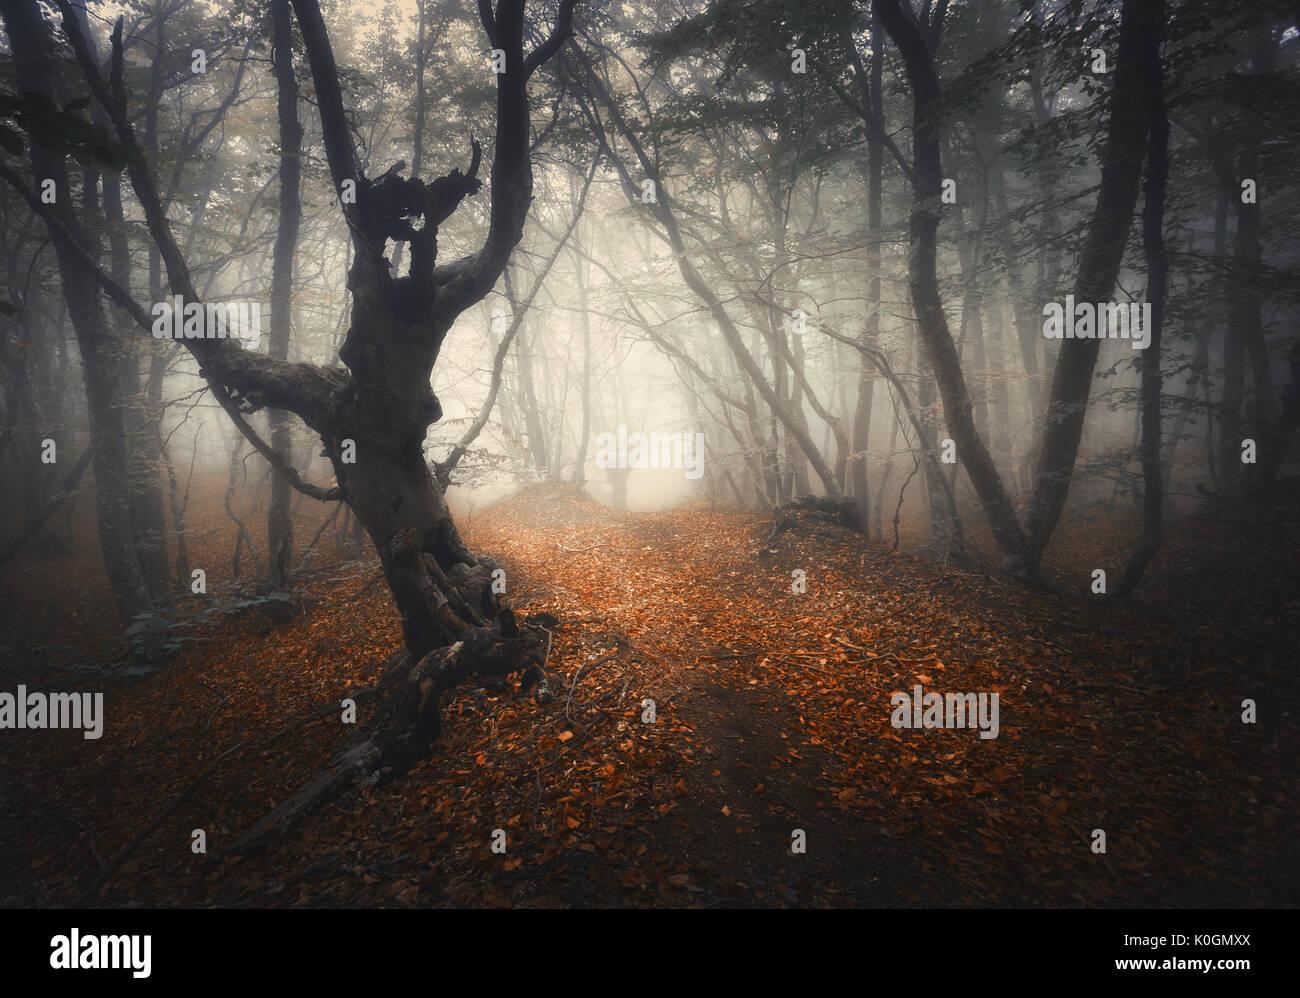 Dunkle Nebel Wald. Mystische Herbst Wald mit Trail in ...